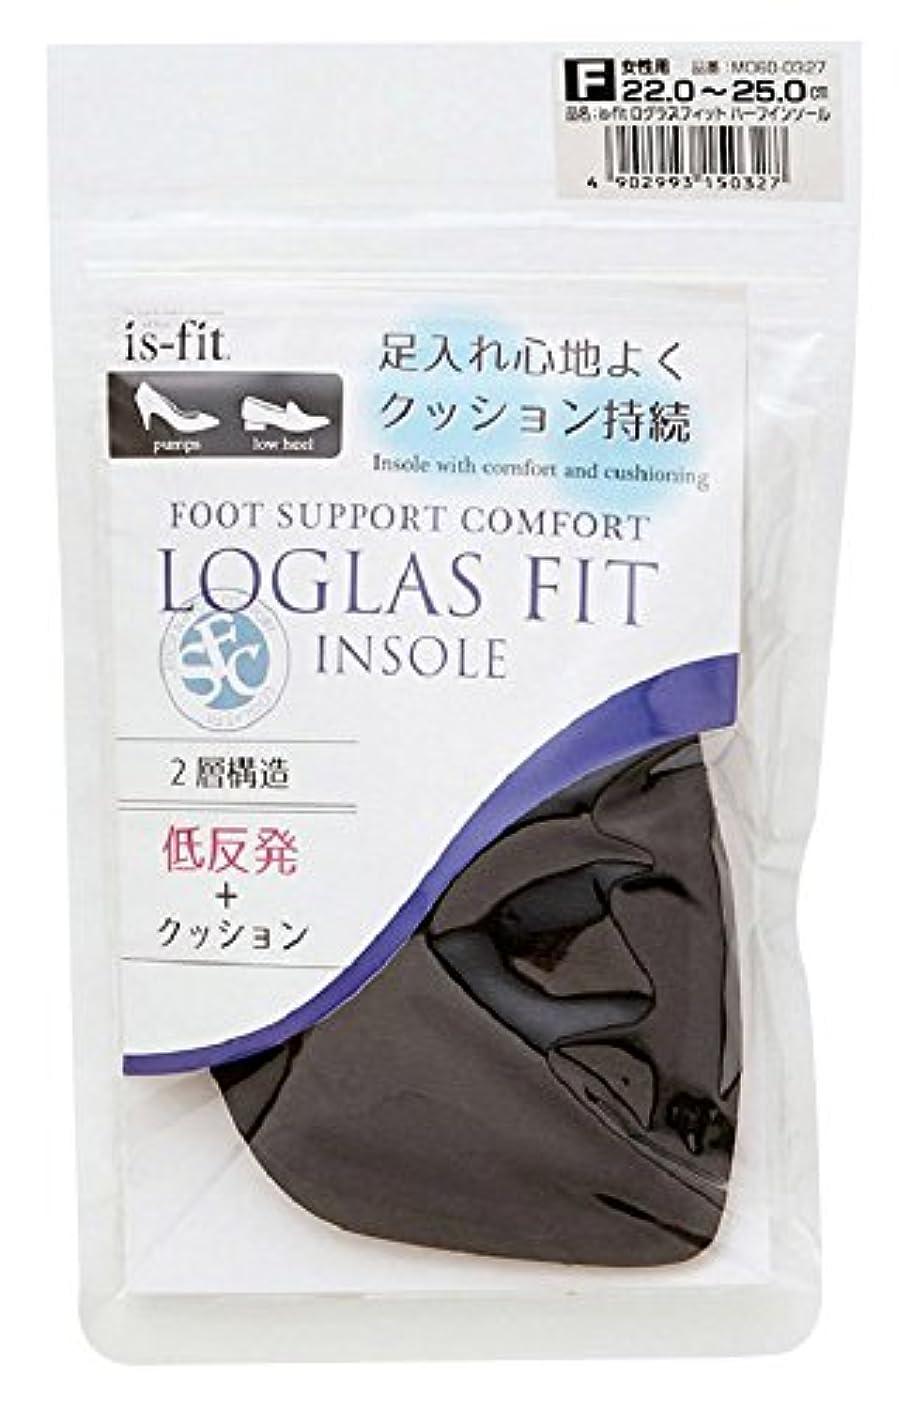 のスコア省略暴動モリト is-fit(イズ?フィット) ログラスフィット ハーフインソール 女性用 フリーサイズ (22.0~25.0cm)